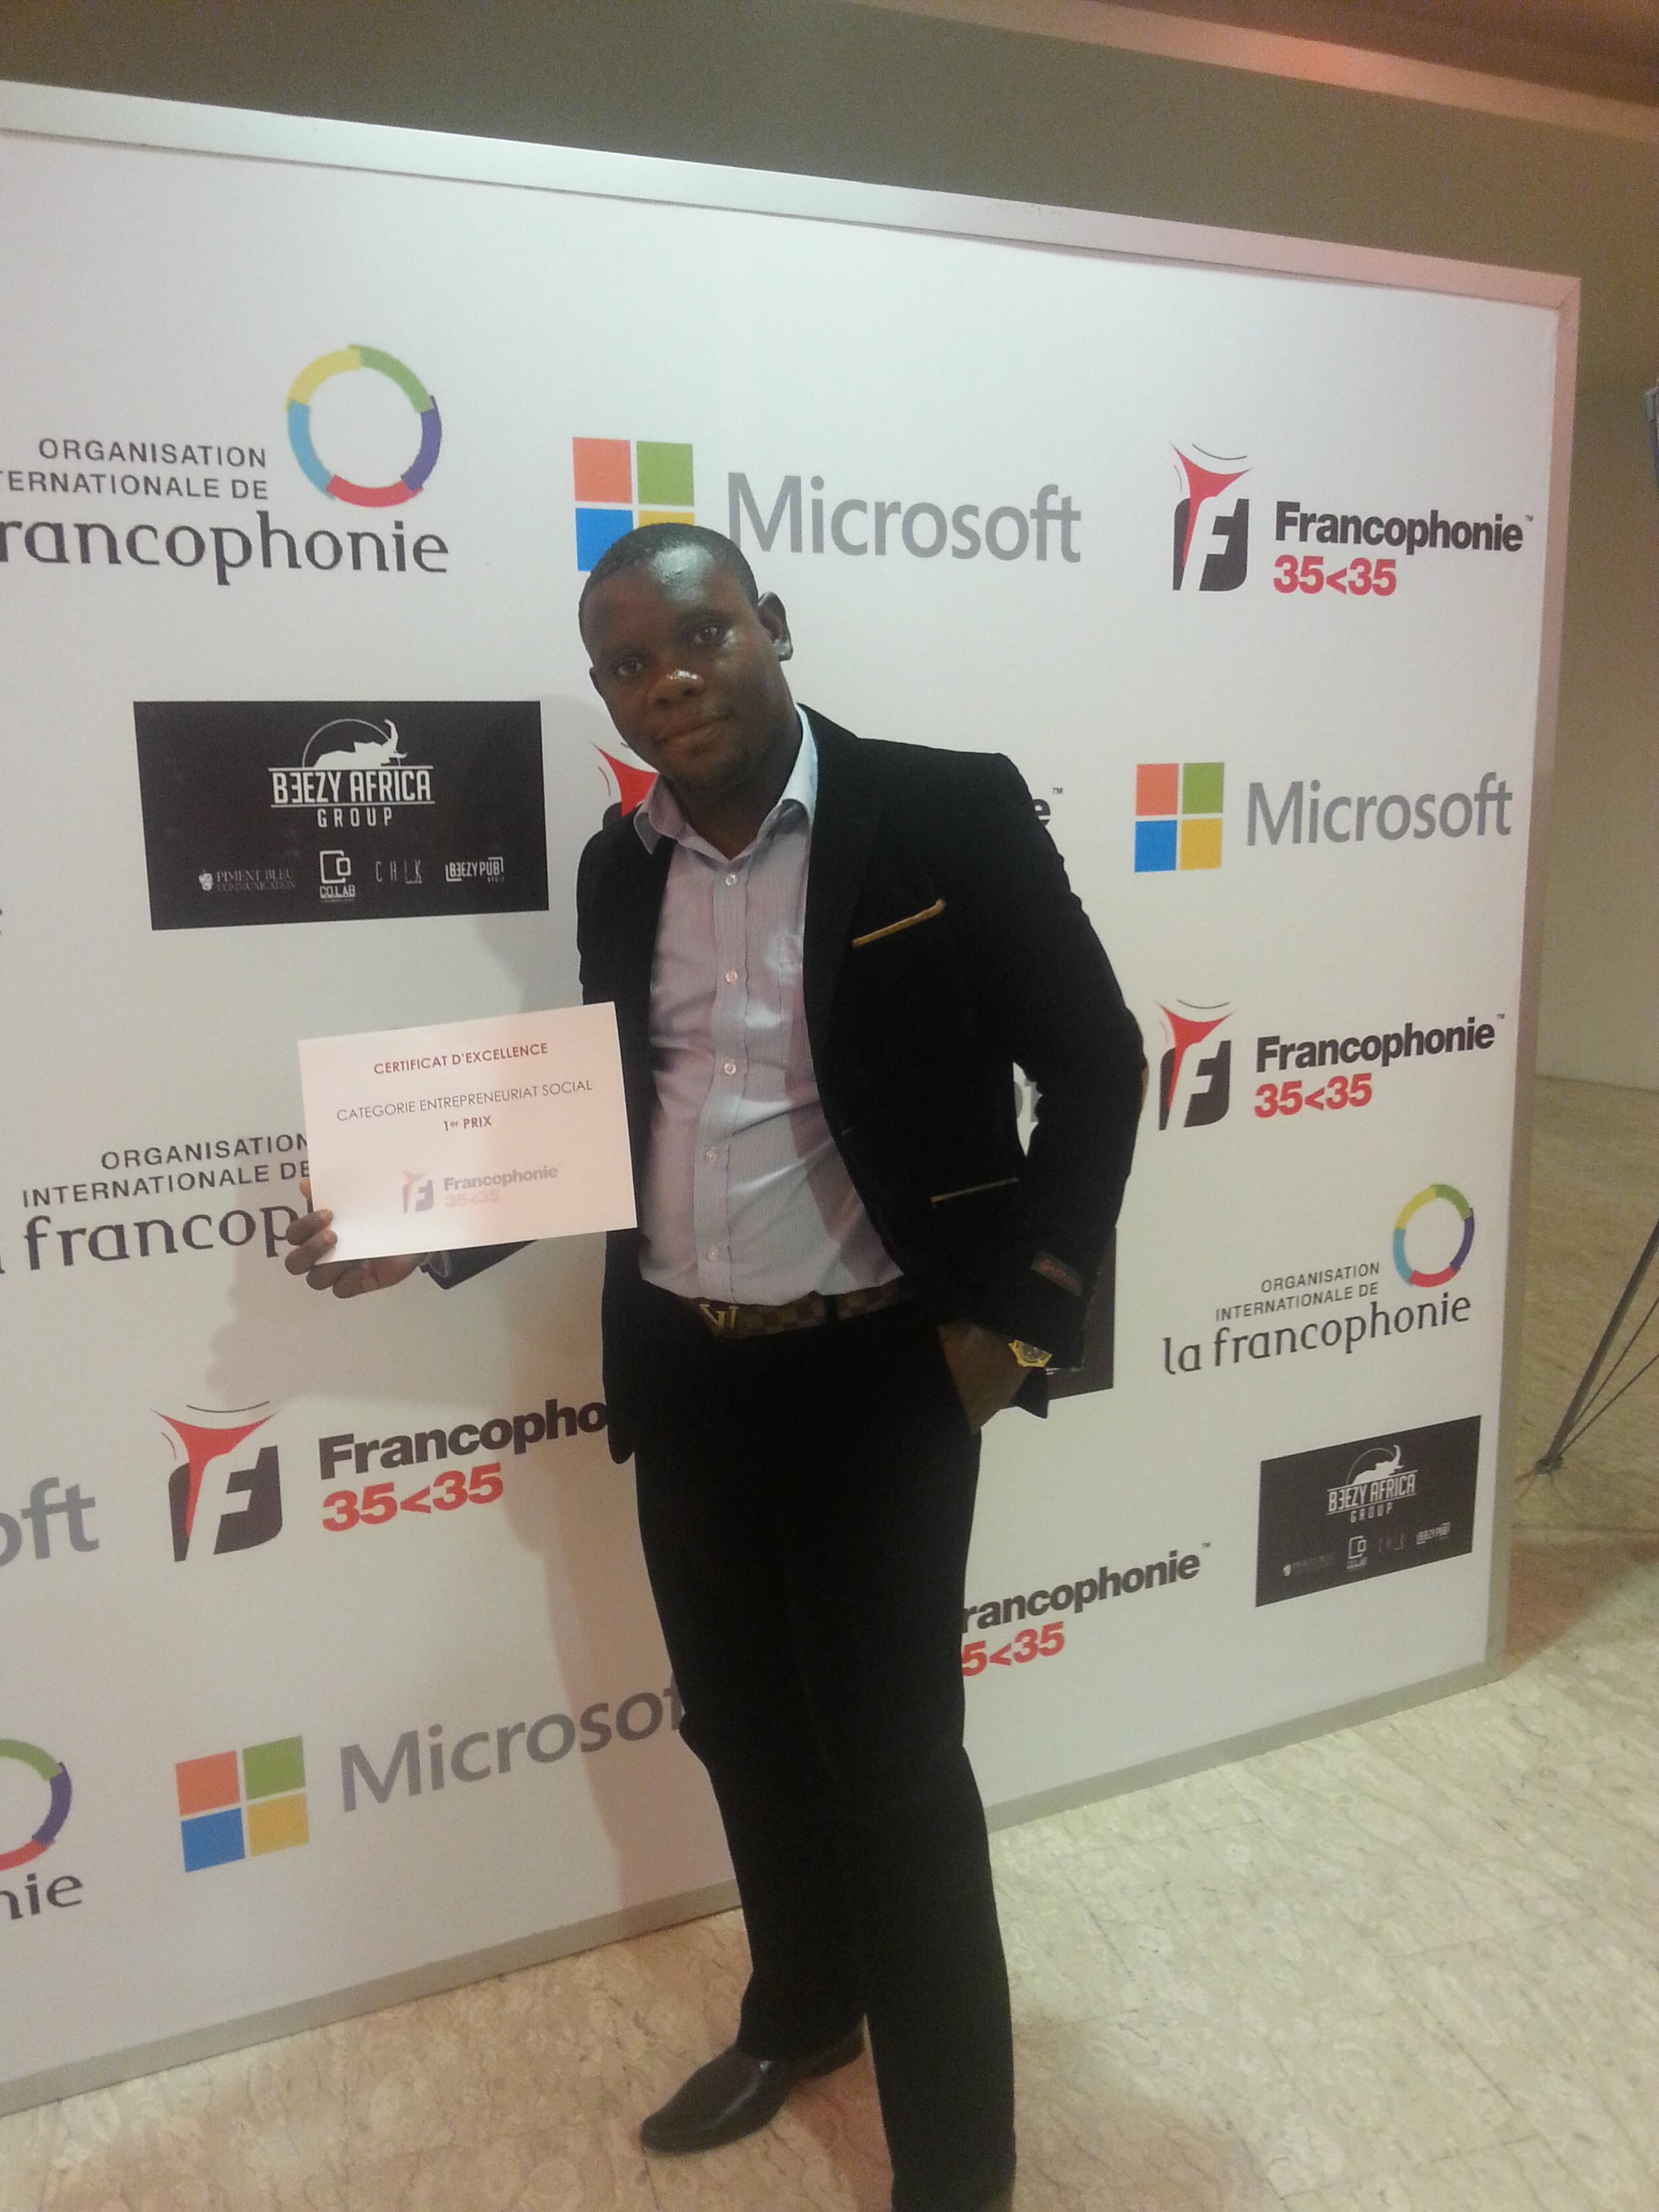 Remise de Prix Jeunesse de la Francophonie 35<35 à Abidjan – Cote d'Ivoire